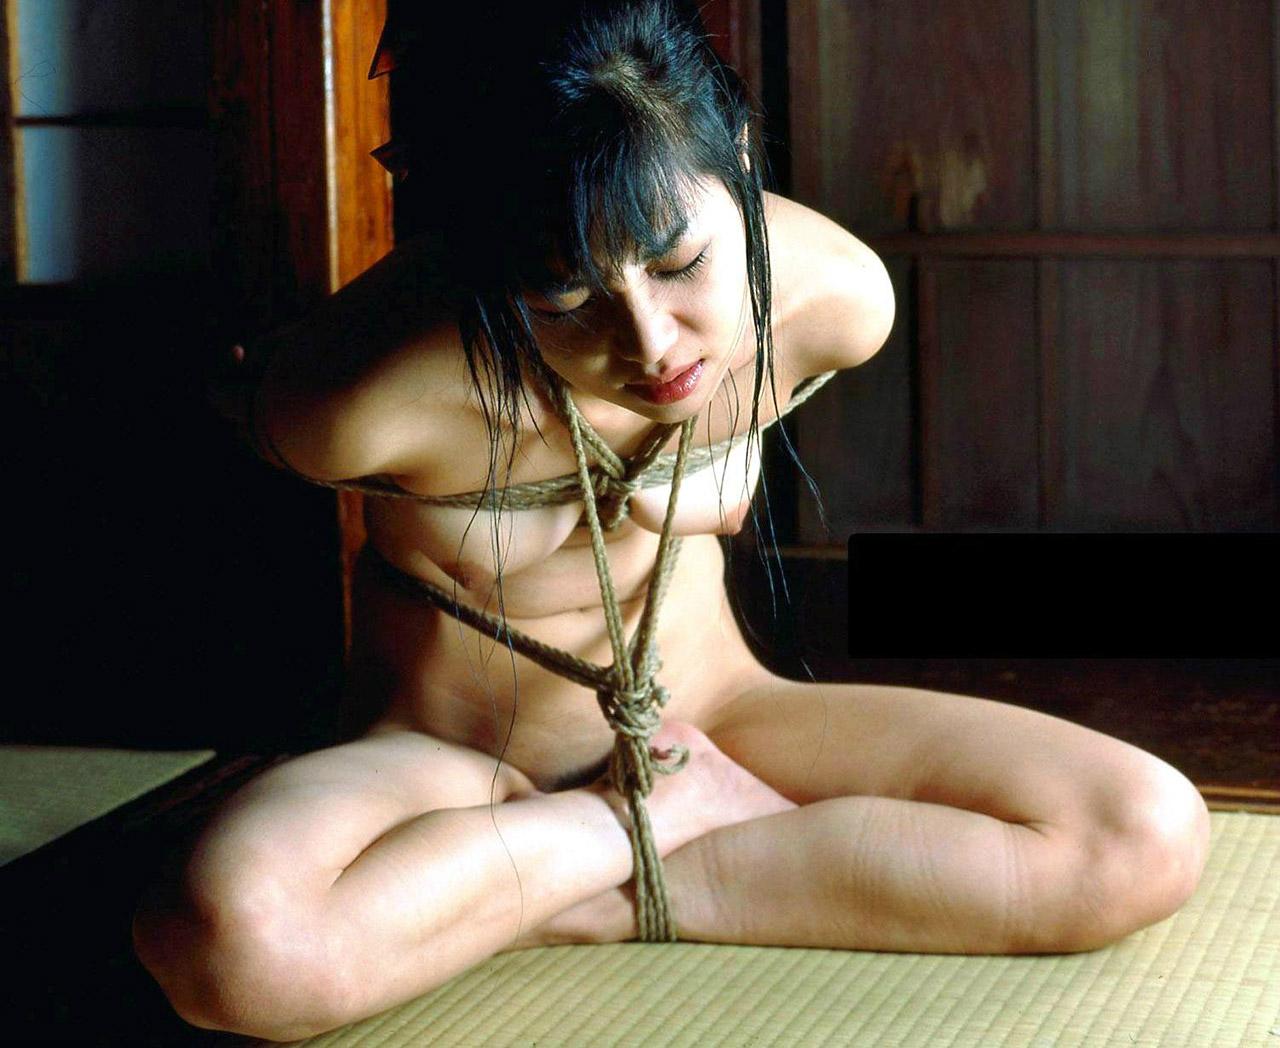 【おっぱい】ガッツリ緊縛されている女性を見て、まずおっぱいに目がいくのは邪道www【29枚】 24